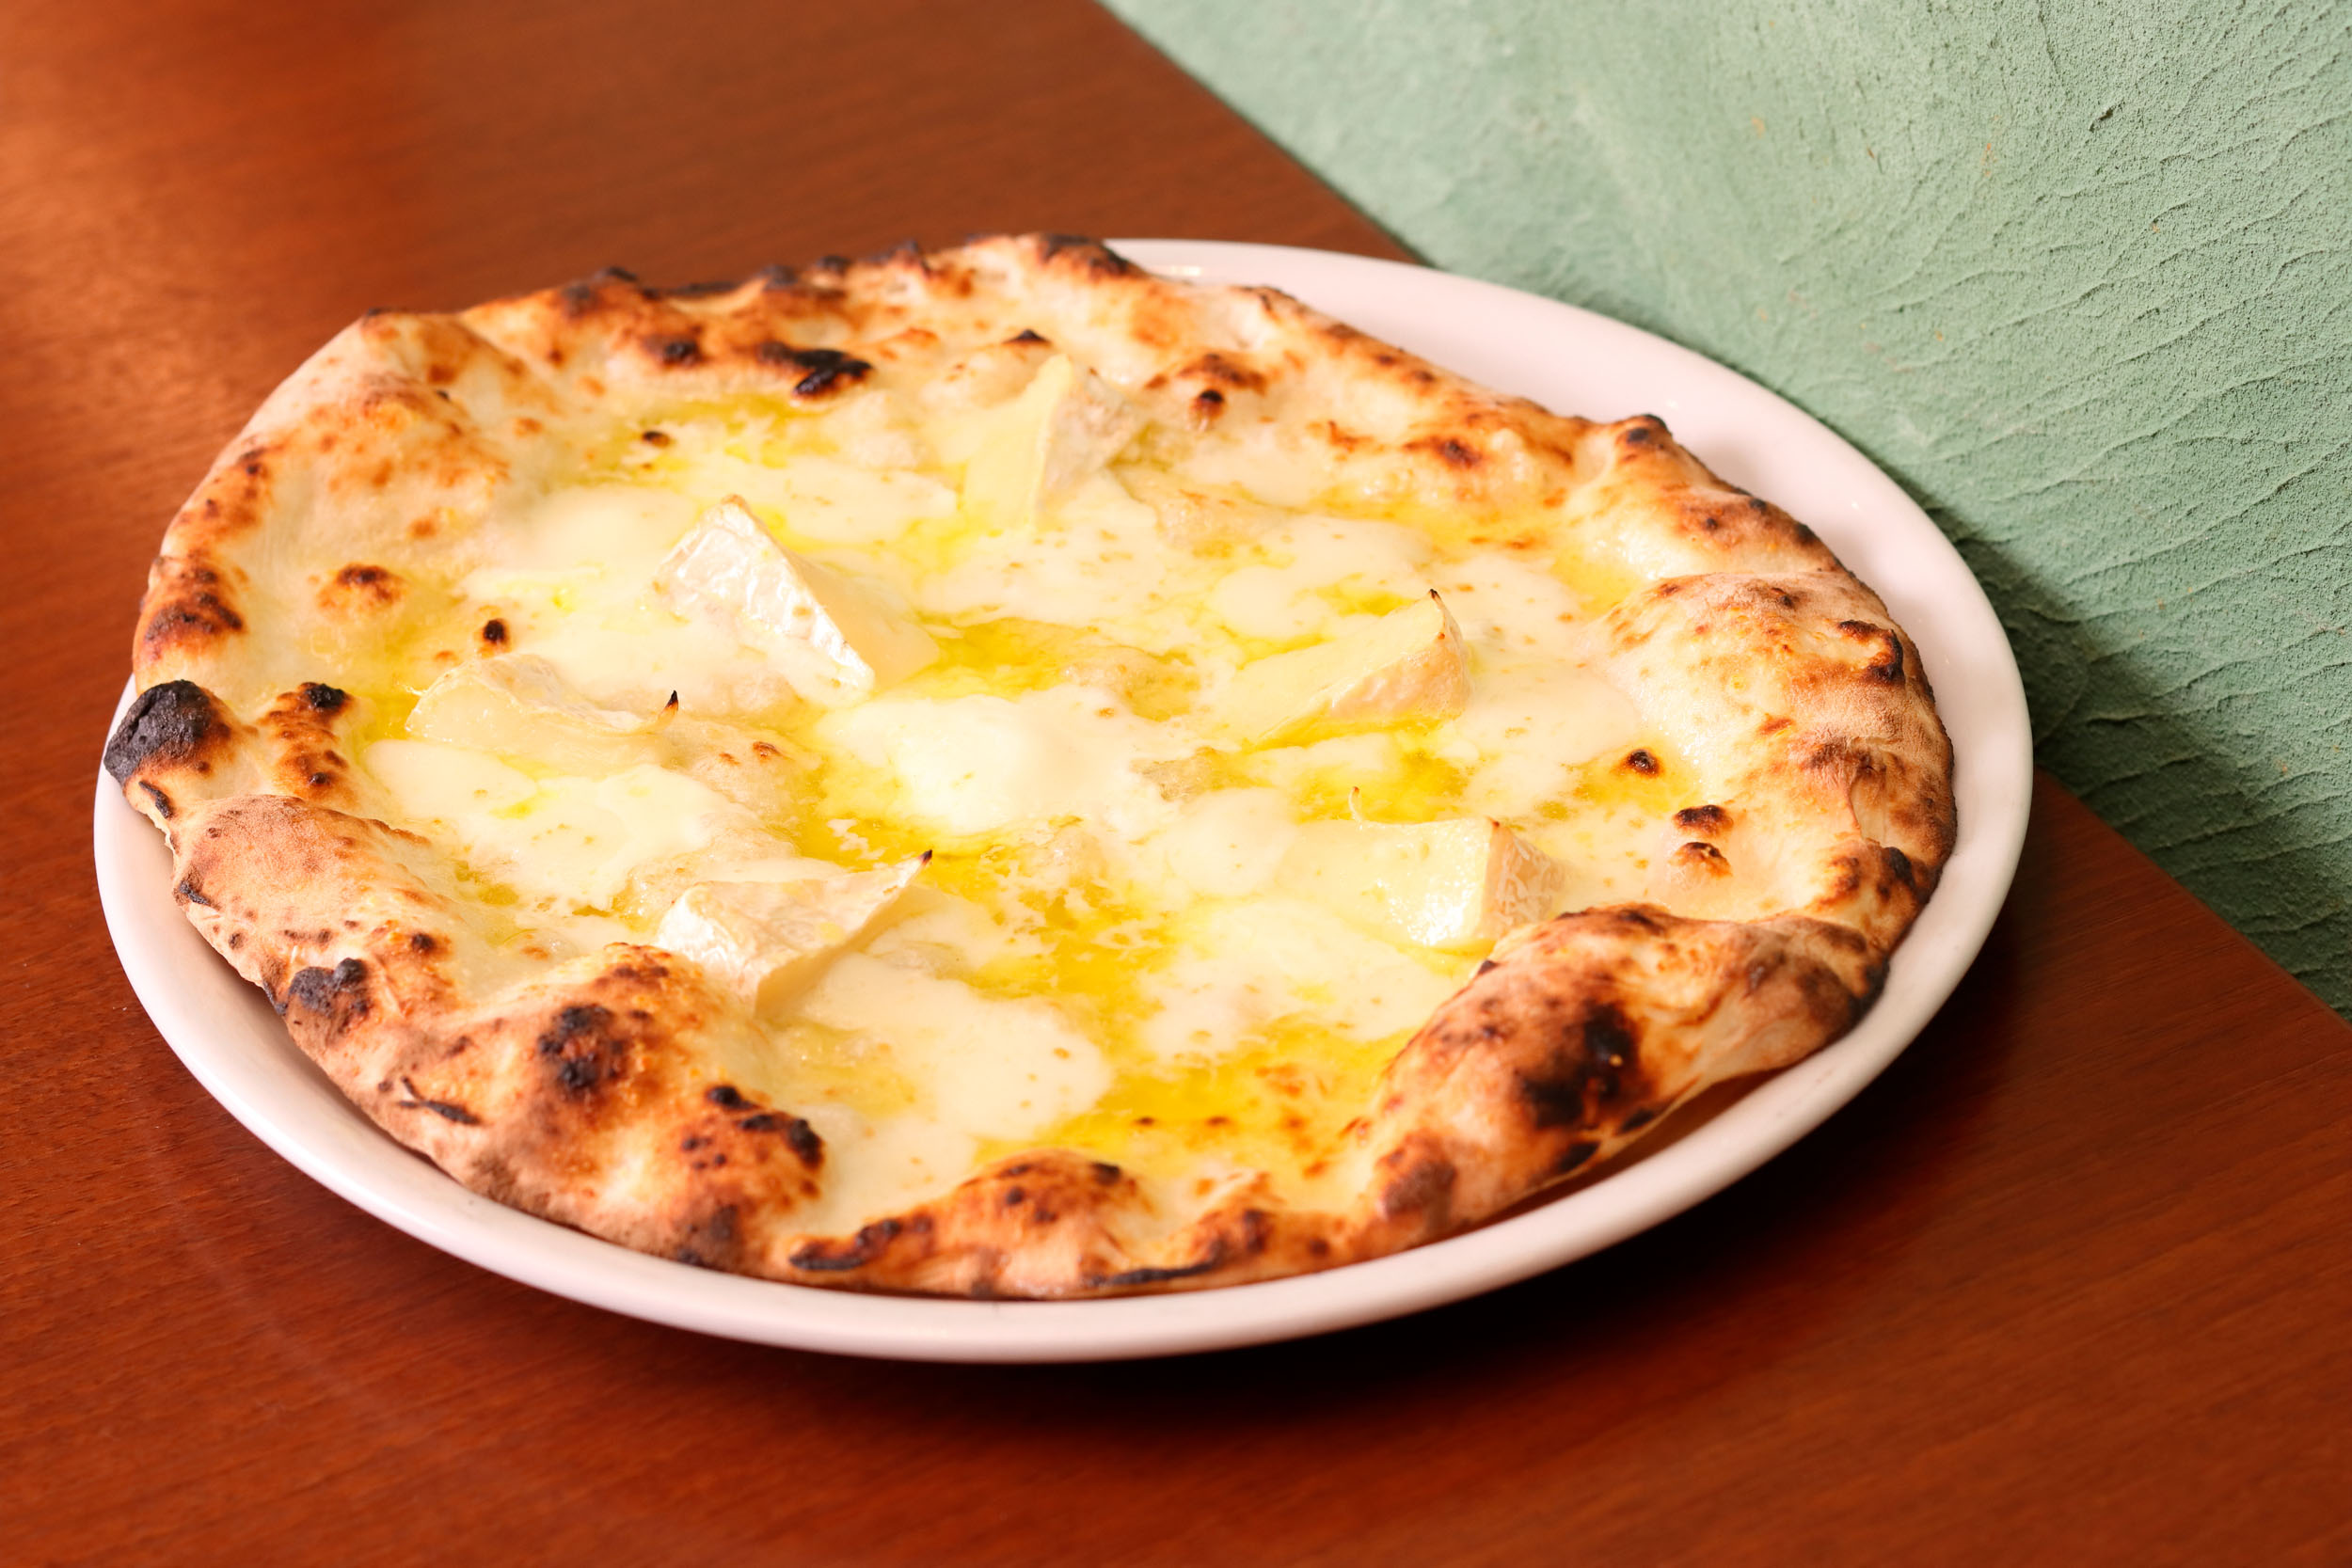 カマンベールのクアトロフォルマッジ1530円<br /> 化学調味料無添加で塩分控えめのやさしい味わい。カマンベール・グラナパダーノ・モッツァレラ・マスカルポーネの4種類のチーズを使用